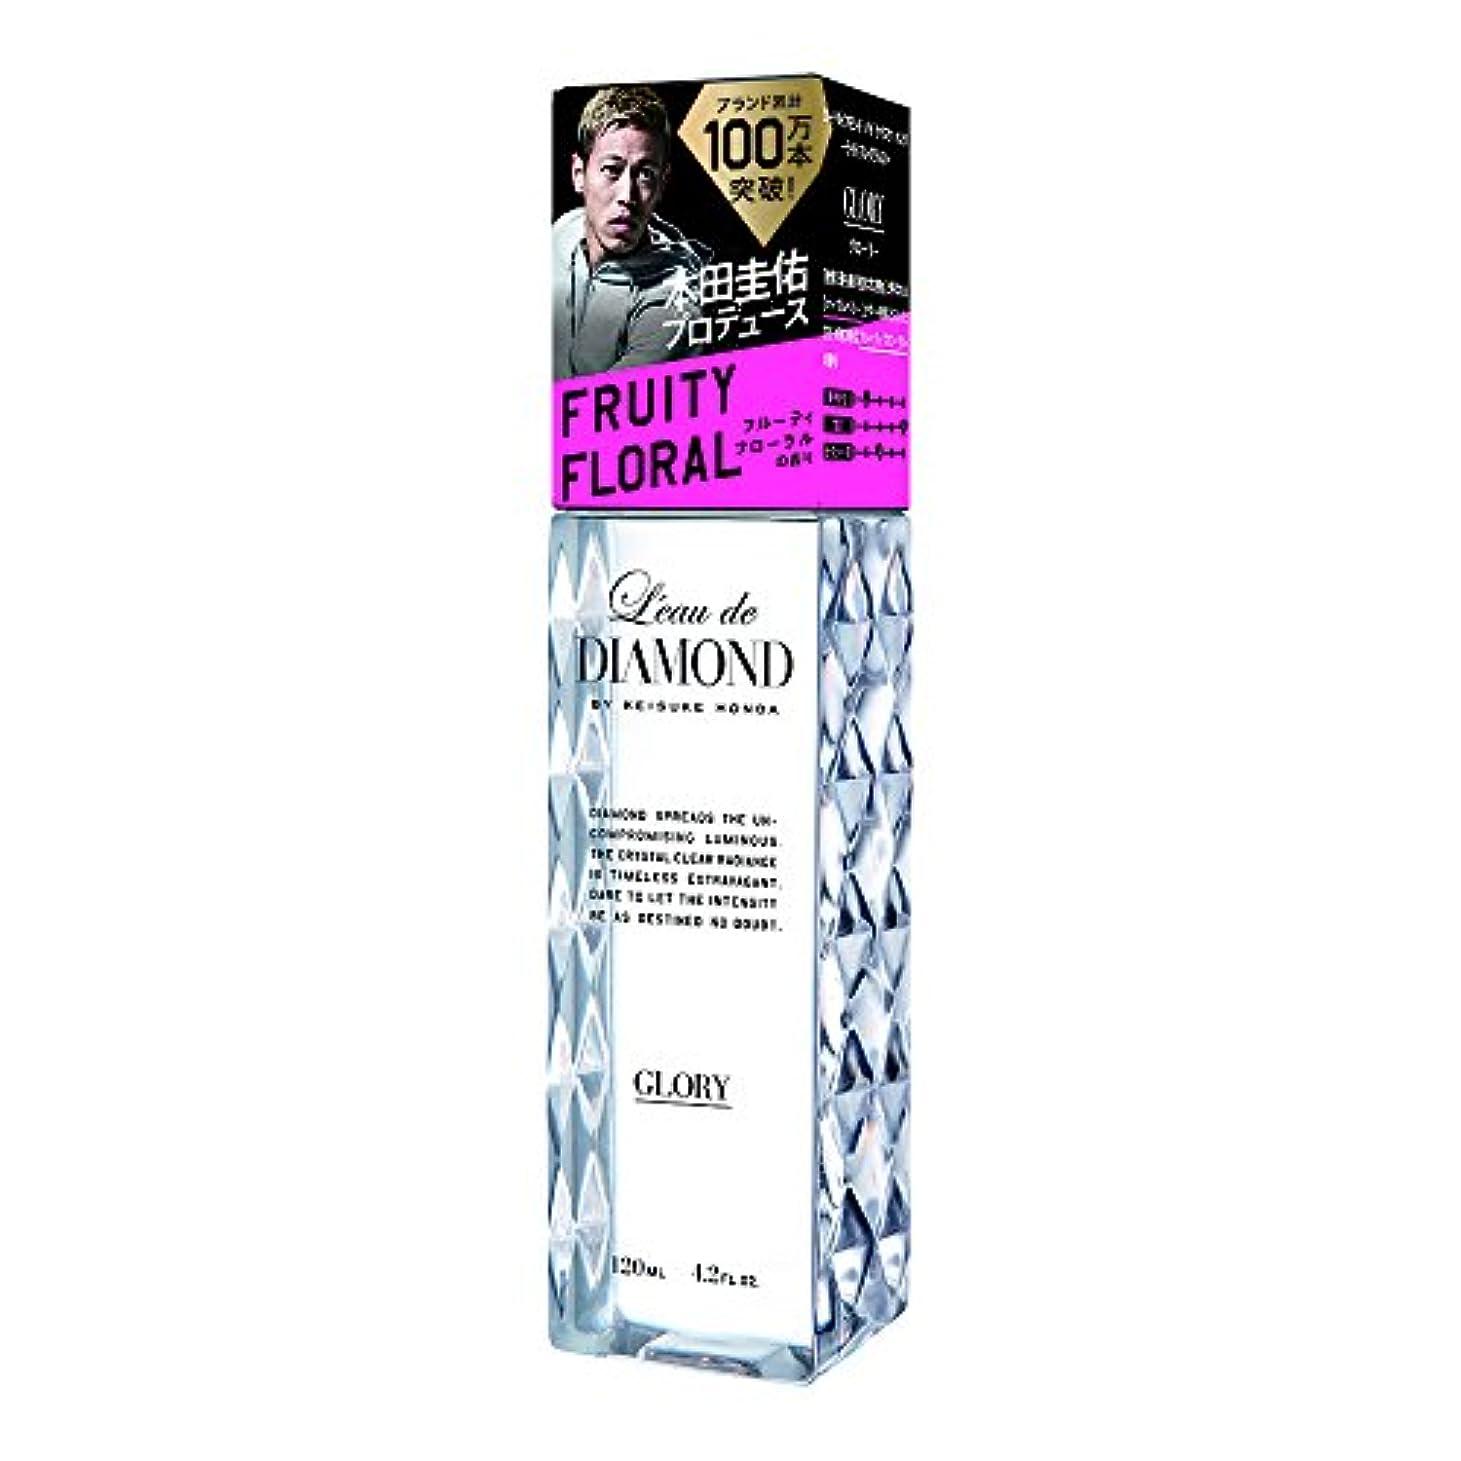 渇き洞察力のあるトムオードリースロードダイアモンド バイ ケイスケホンダ ライトフレグランス グローリー 120ml